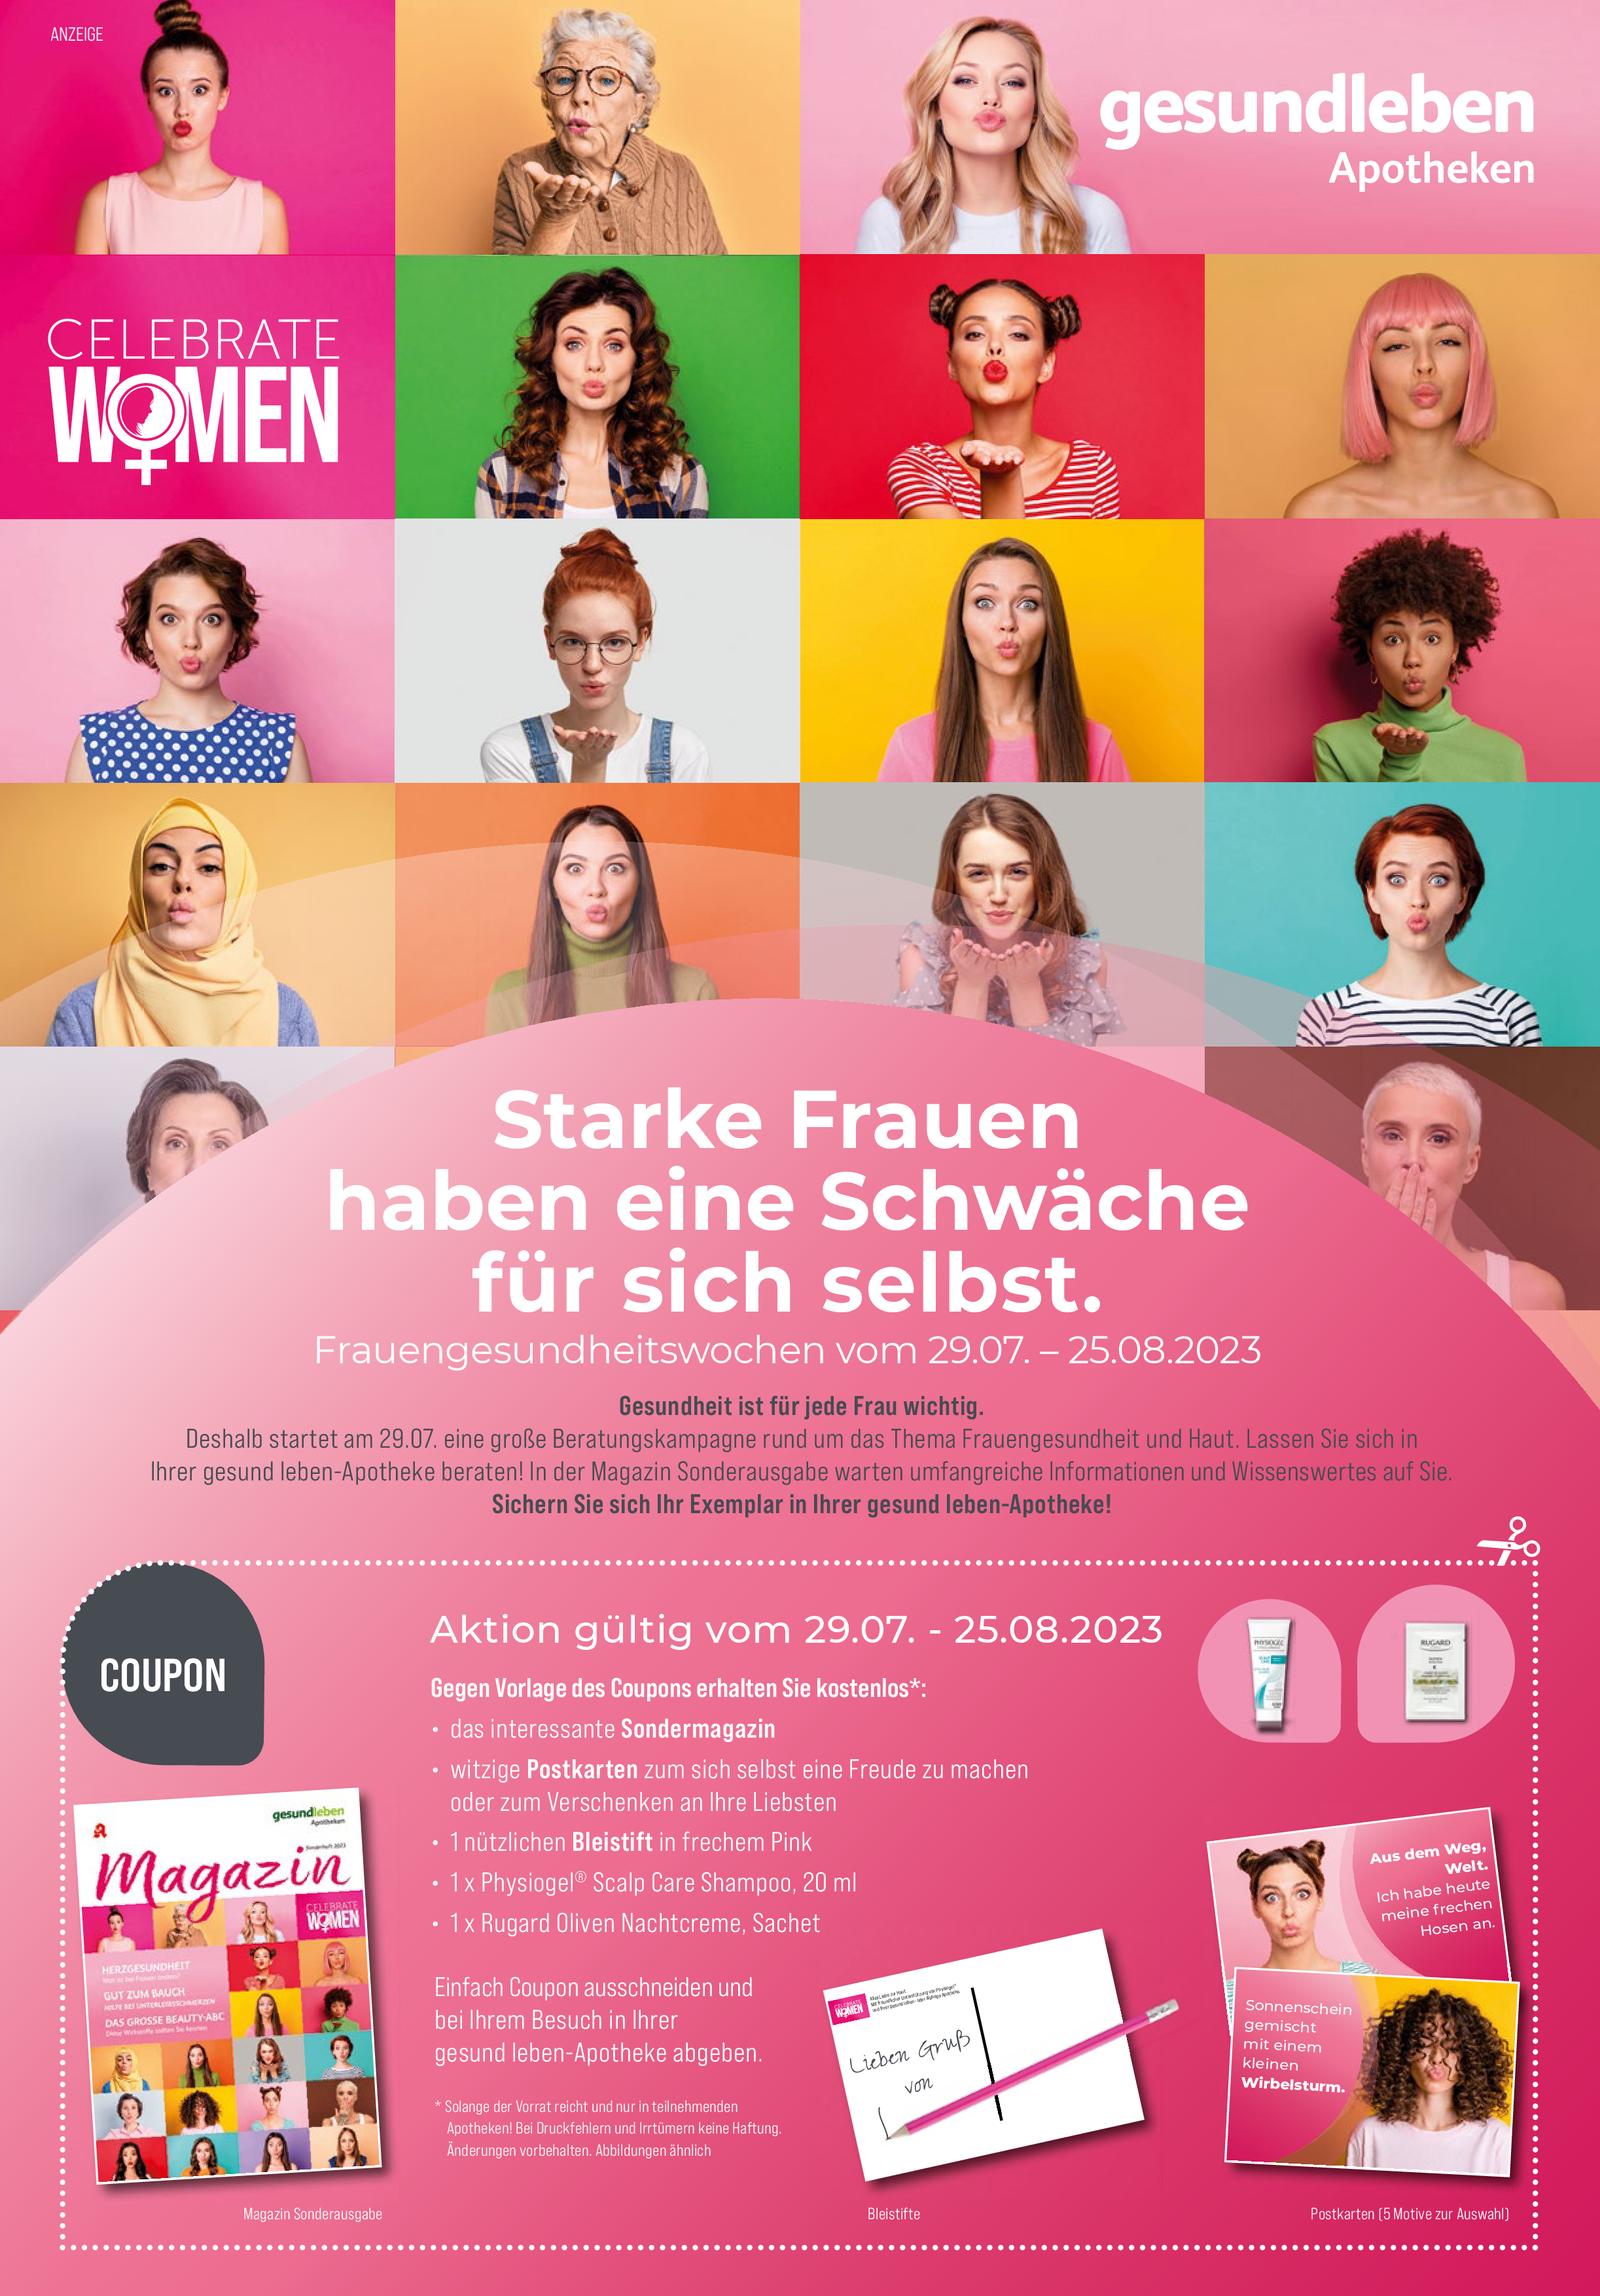 https://mein-uploads.apocdn.net/1003/leaflets/gesundleben_hoch-Seite5.png